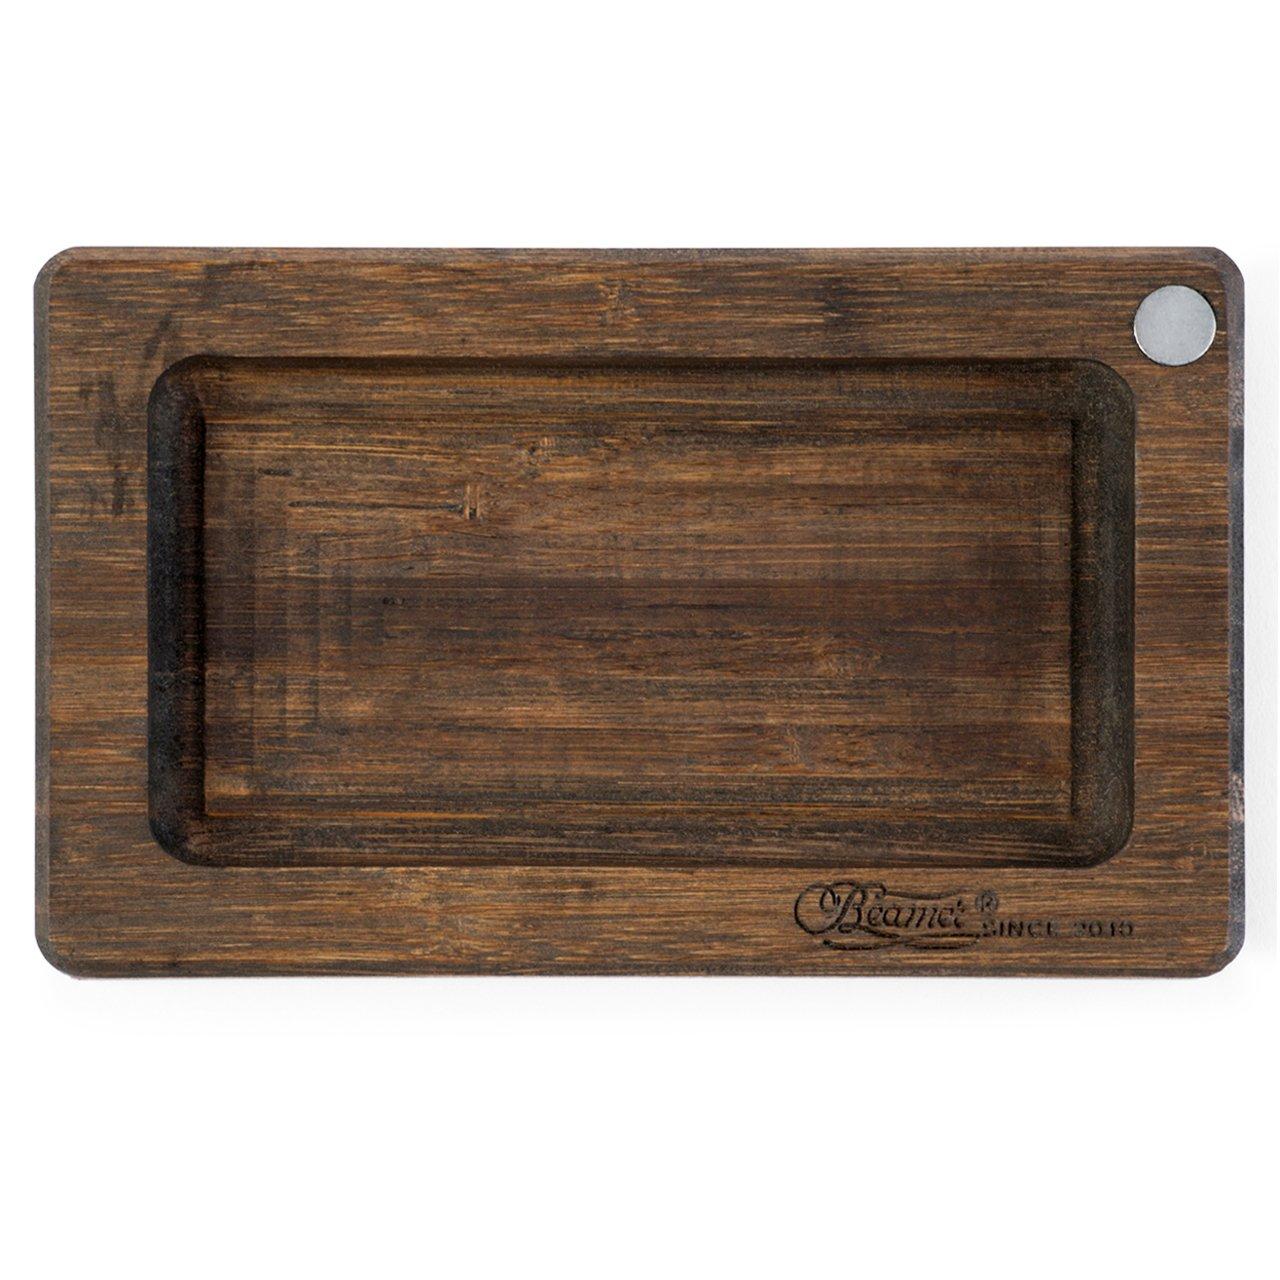 Beamer Smoke Pocket Natural Bamboo Rolling Tray, Dark, 6'' x 3.5'', 4.79 Ounce